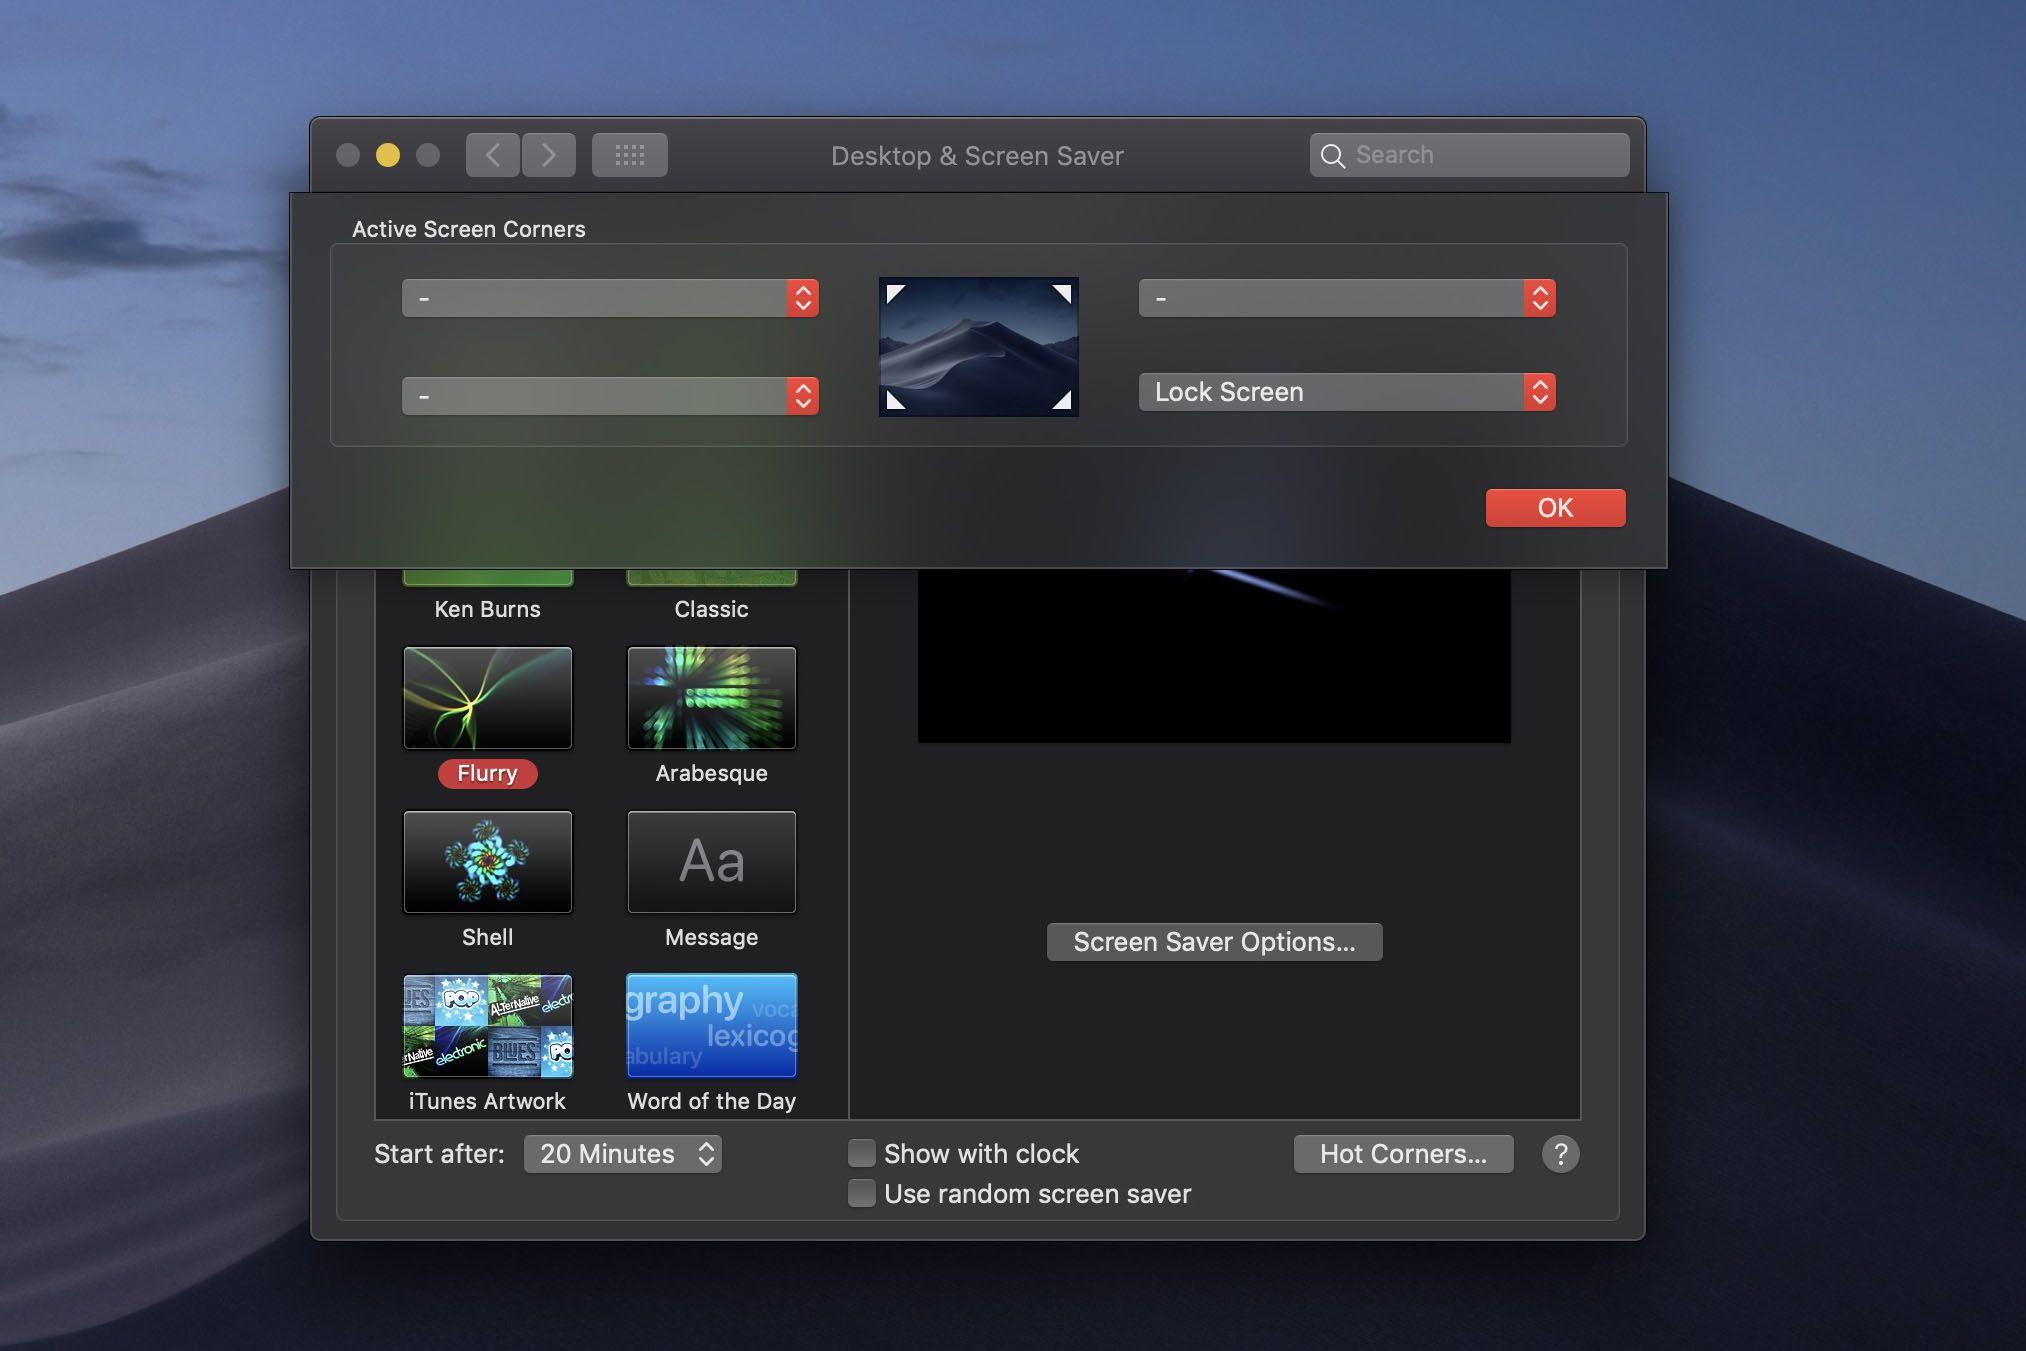 Lock MacBook via a Hotcorner